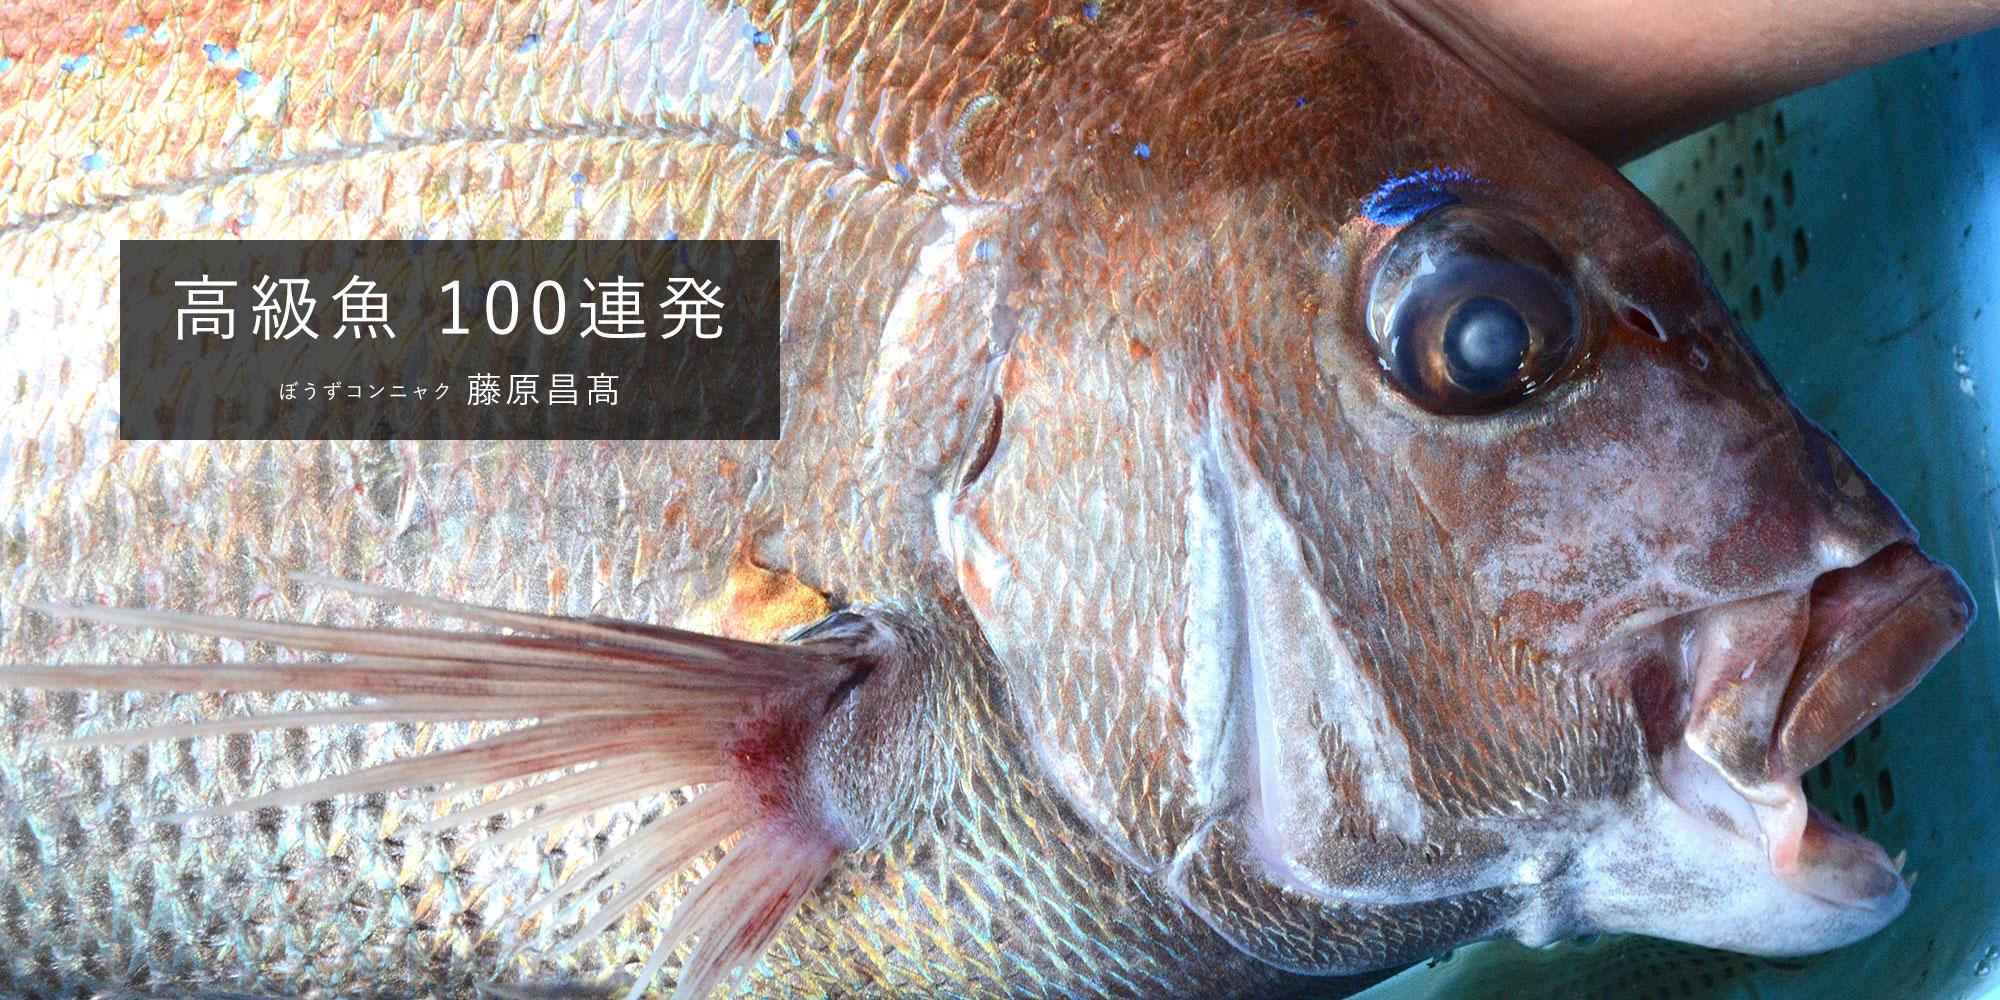 Web連載『高級魚 100連発』(藤原昌髙)